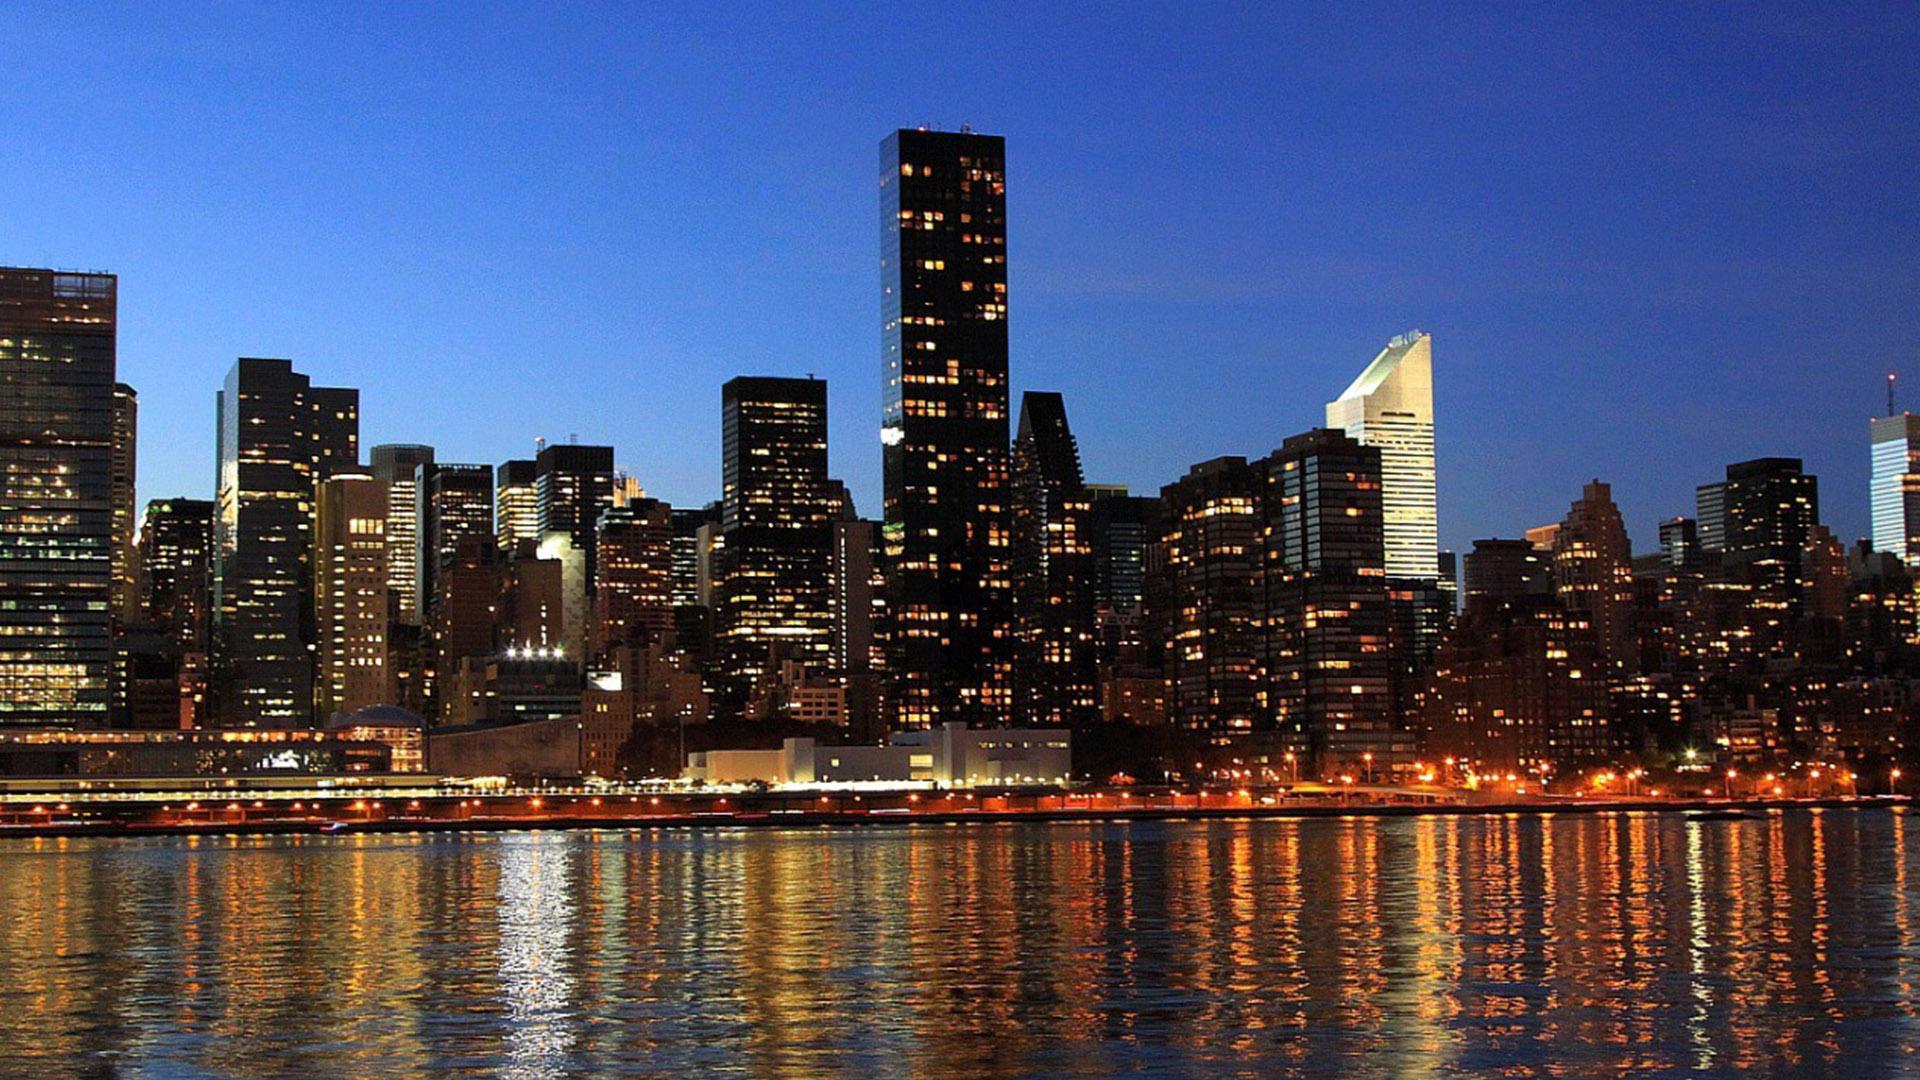 Nova York é uma cidade fascinante e que atrai turistas de todas as partes do mundo.